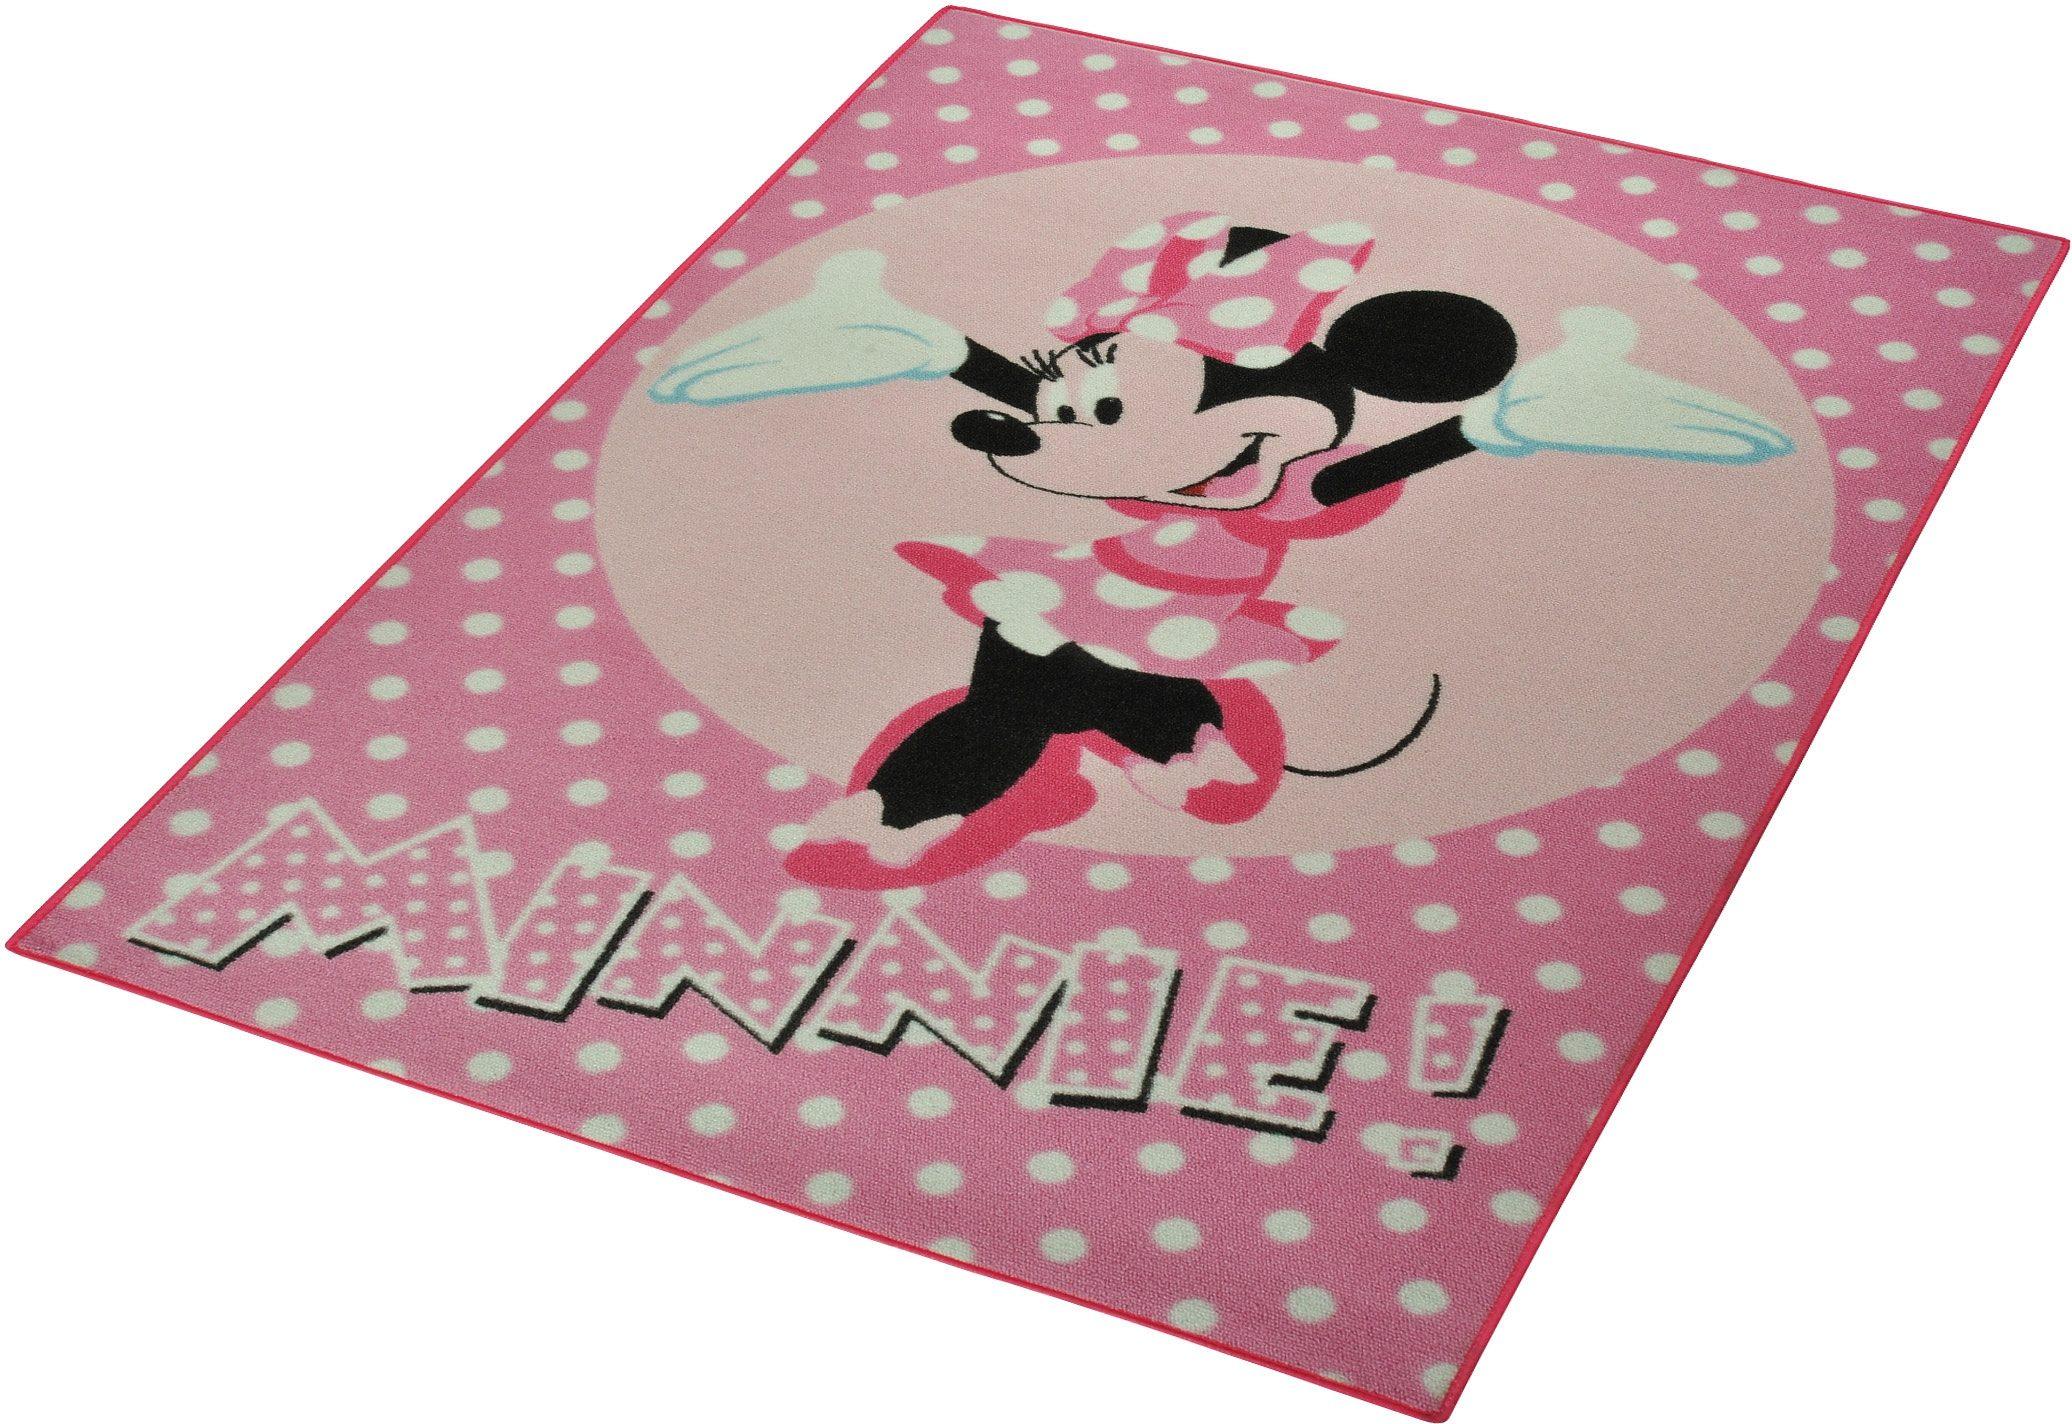 Kinder-Teppich, Disney Lizenz Teppich »Minnie!«, getuftet